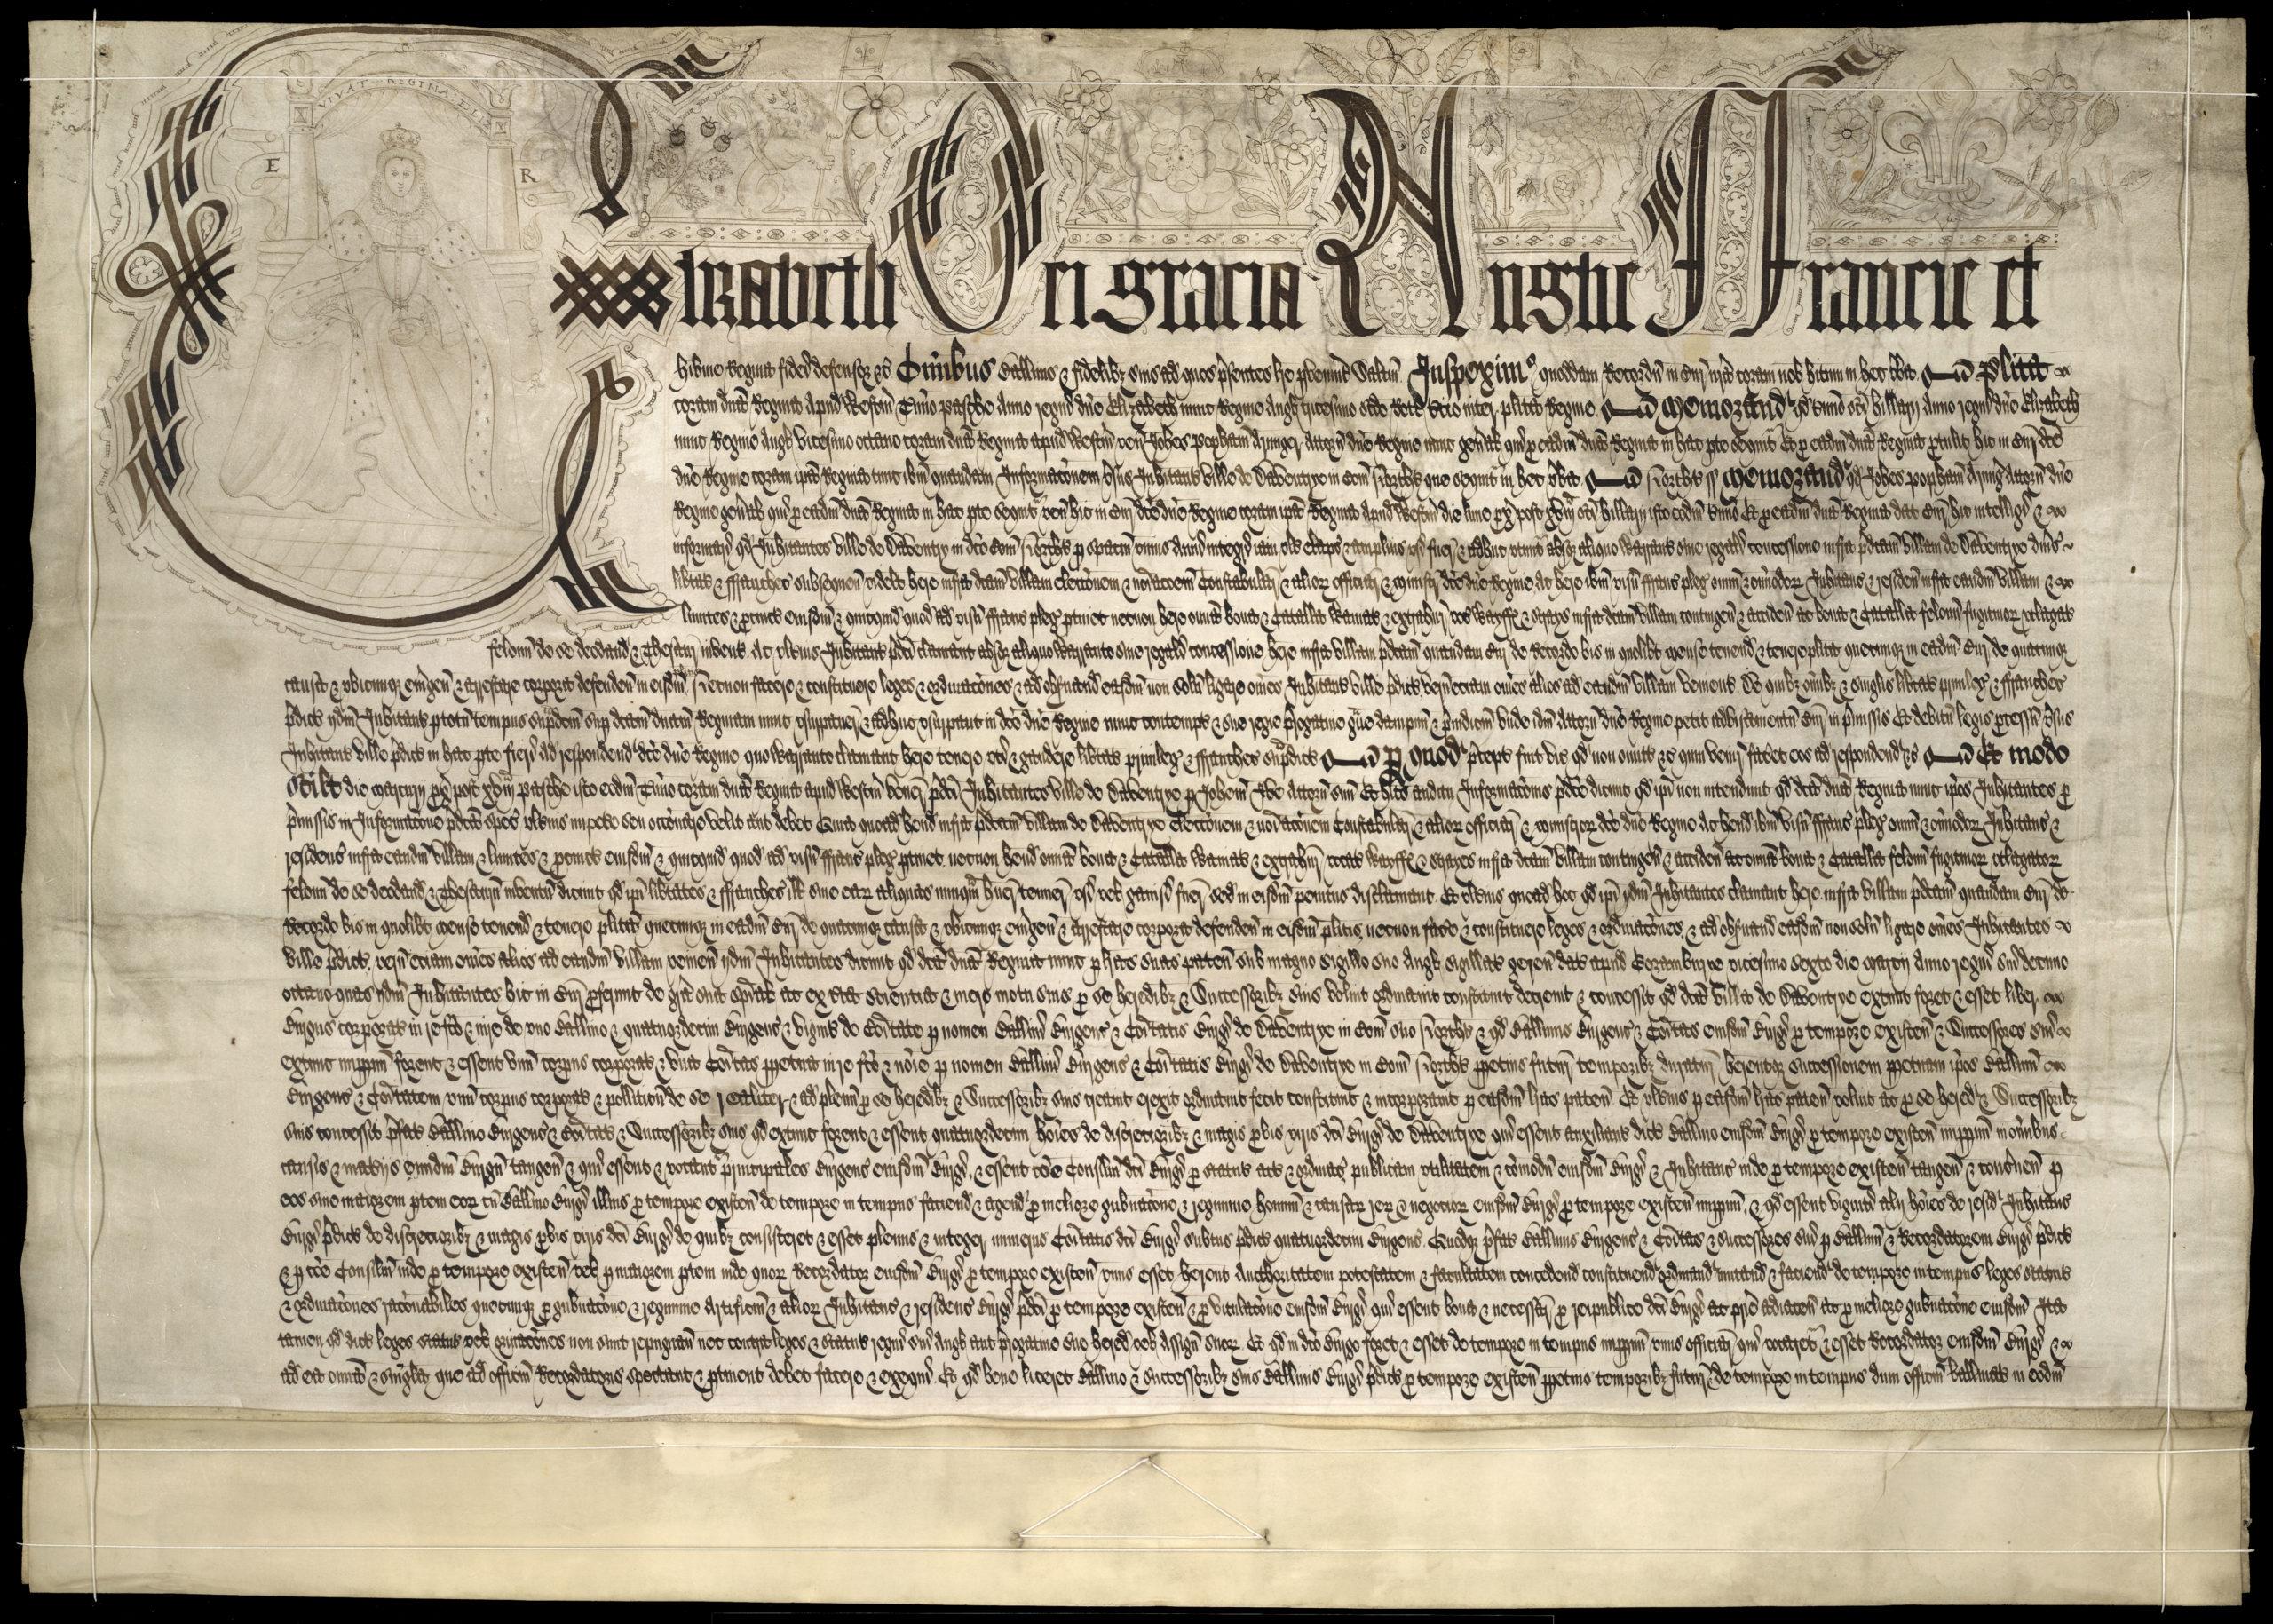 Queen Elizabeth I Town Charter of 1590